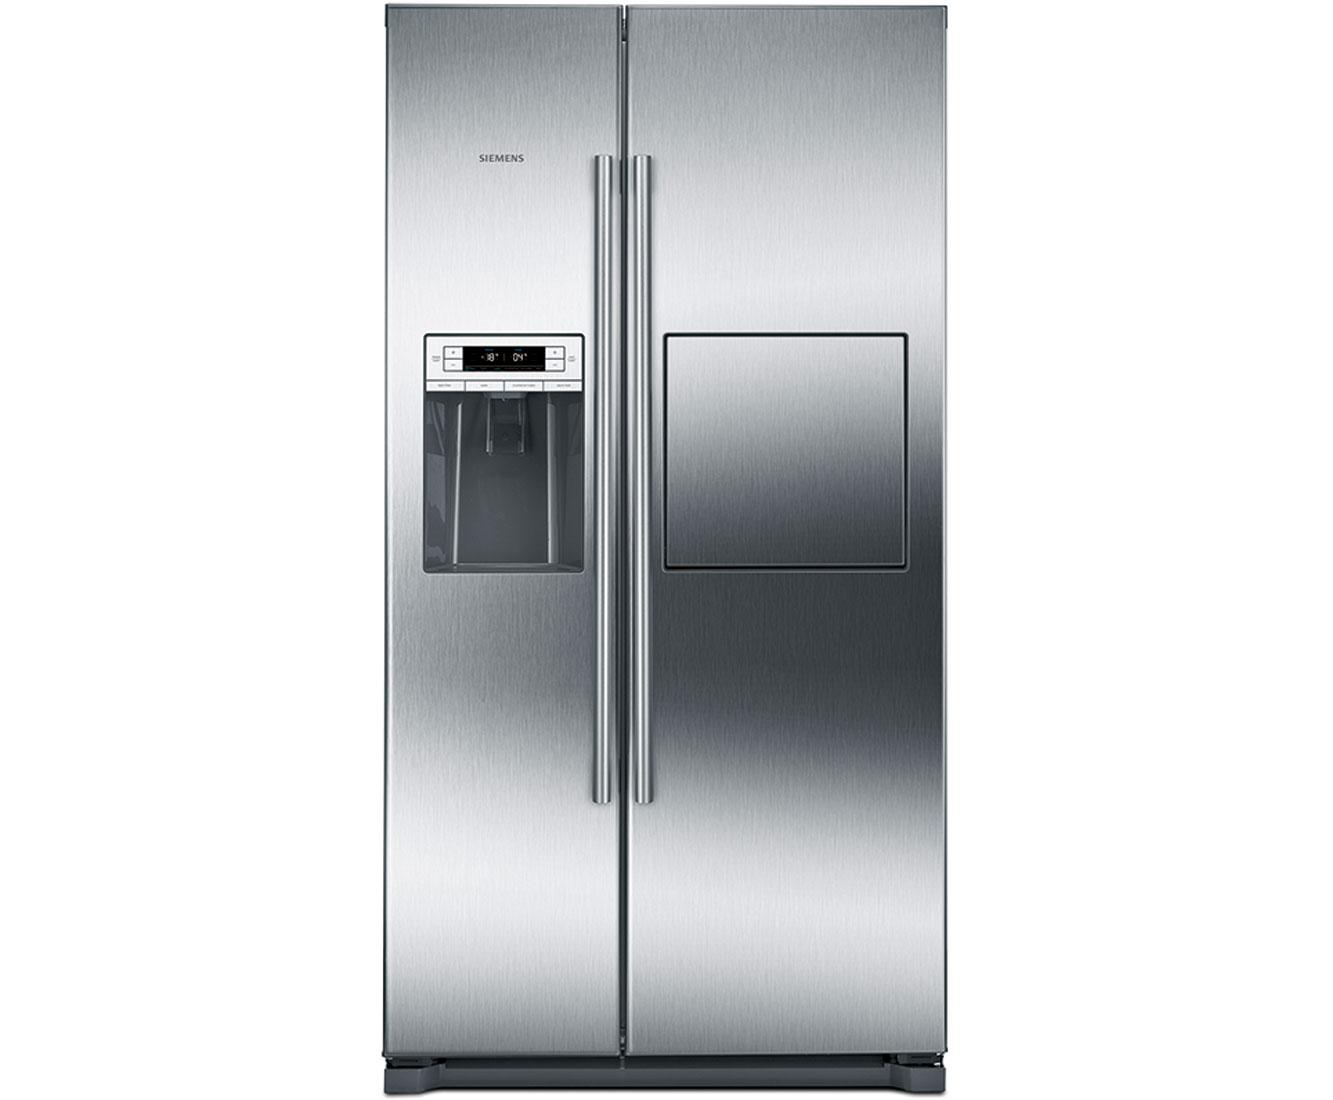 Siemens Kühlschrank Retro : Siemens iq500 ka90gai20 amerikanischer side by side mit